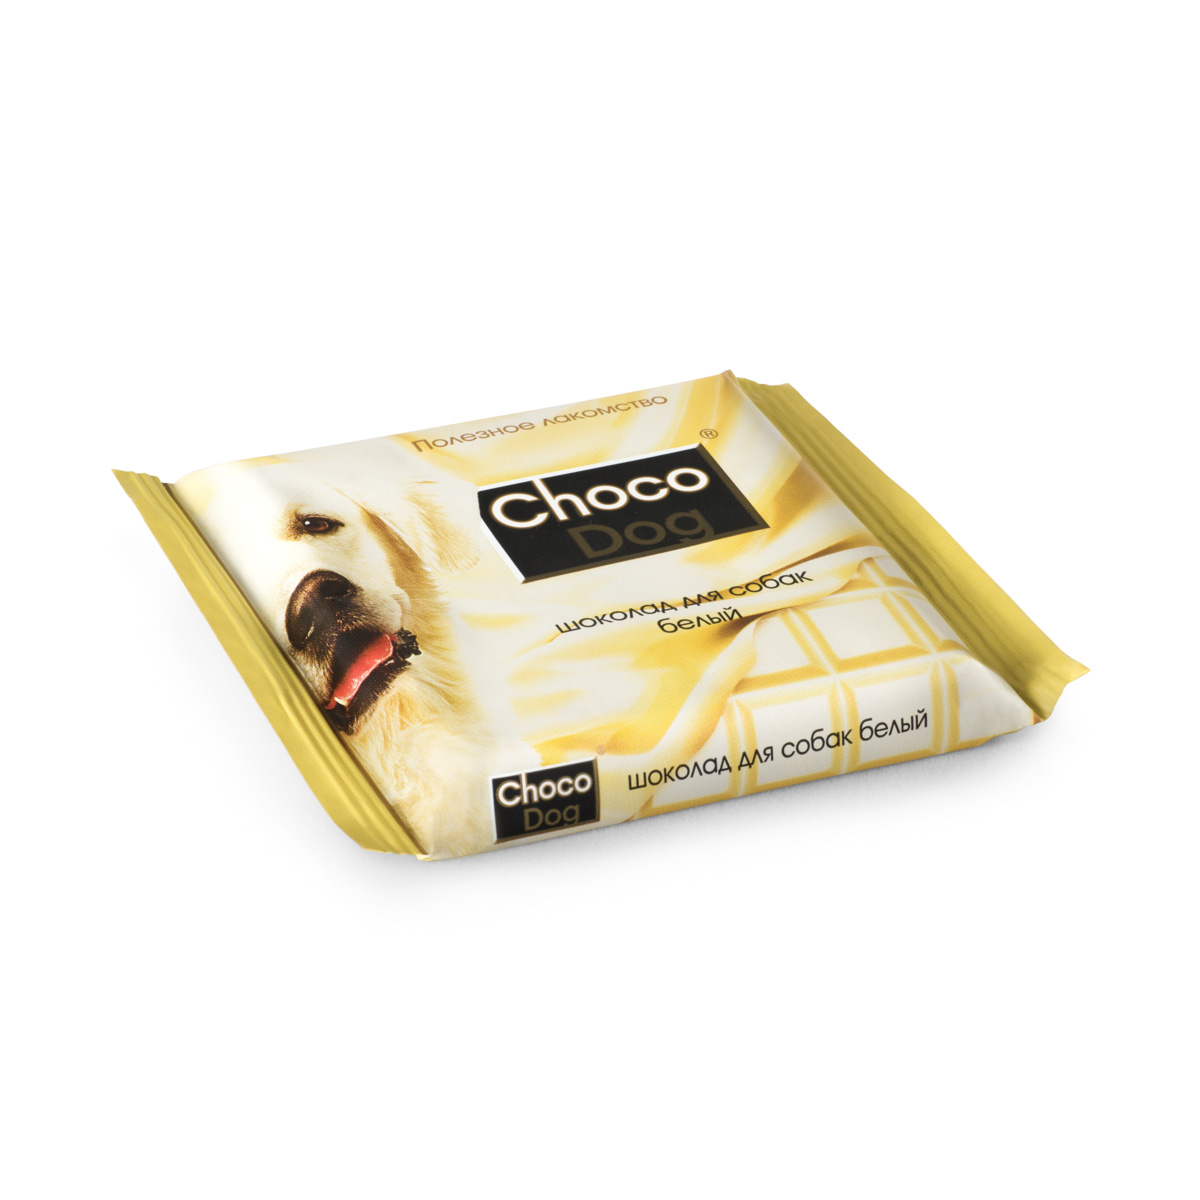 Лакомство для собак VEDA Choco Dog, белый шоколад, 85 г белковая добавка для животных г иркутск